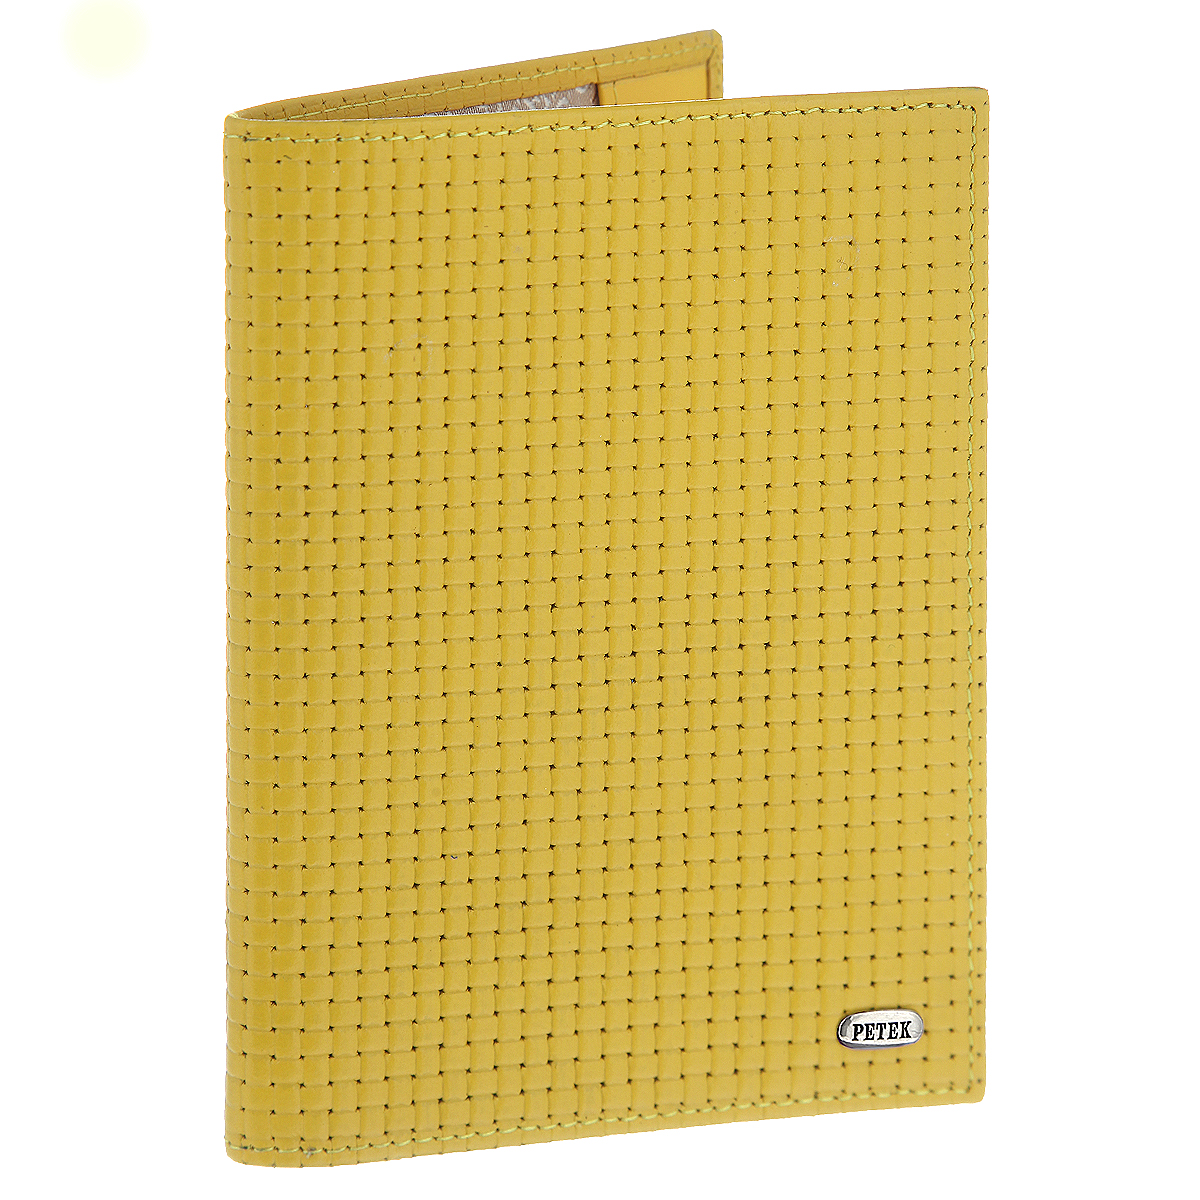 Обложка для паспорта PetekINT-06501Обложка на паспорт Petek выполнена из натуральной высококачественной кожи с фактурным тиснением и оформлена металлической пластиной с надписью в виде логотипа бренда. Внутри обложка отделана атласным текстилем. На внутреннем развороте имеет два кармана из натуральной кожи для надежной фиксации.Стильная обложка не только защитит ваши документы, но и станет аксессуаром, подчеркивающим ваш образ. Изделие упаковано в фирменную коробку коричневого цвета с логотипом фирмы Petek 1855.